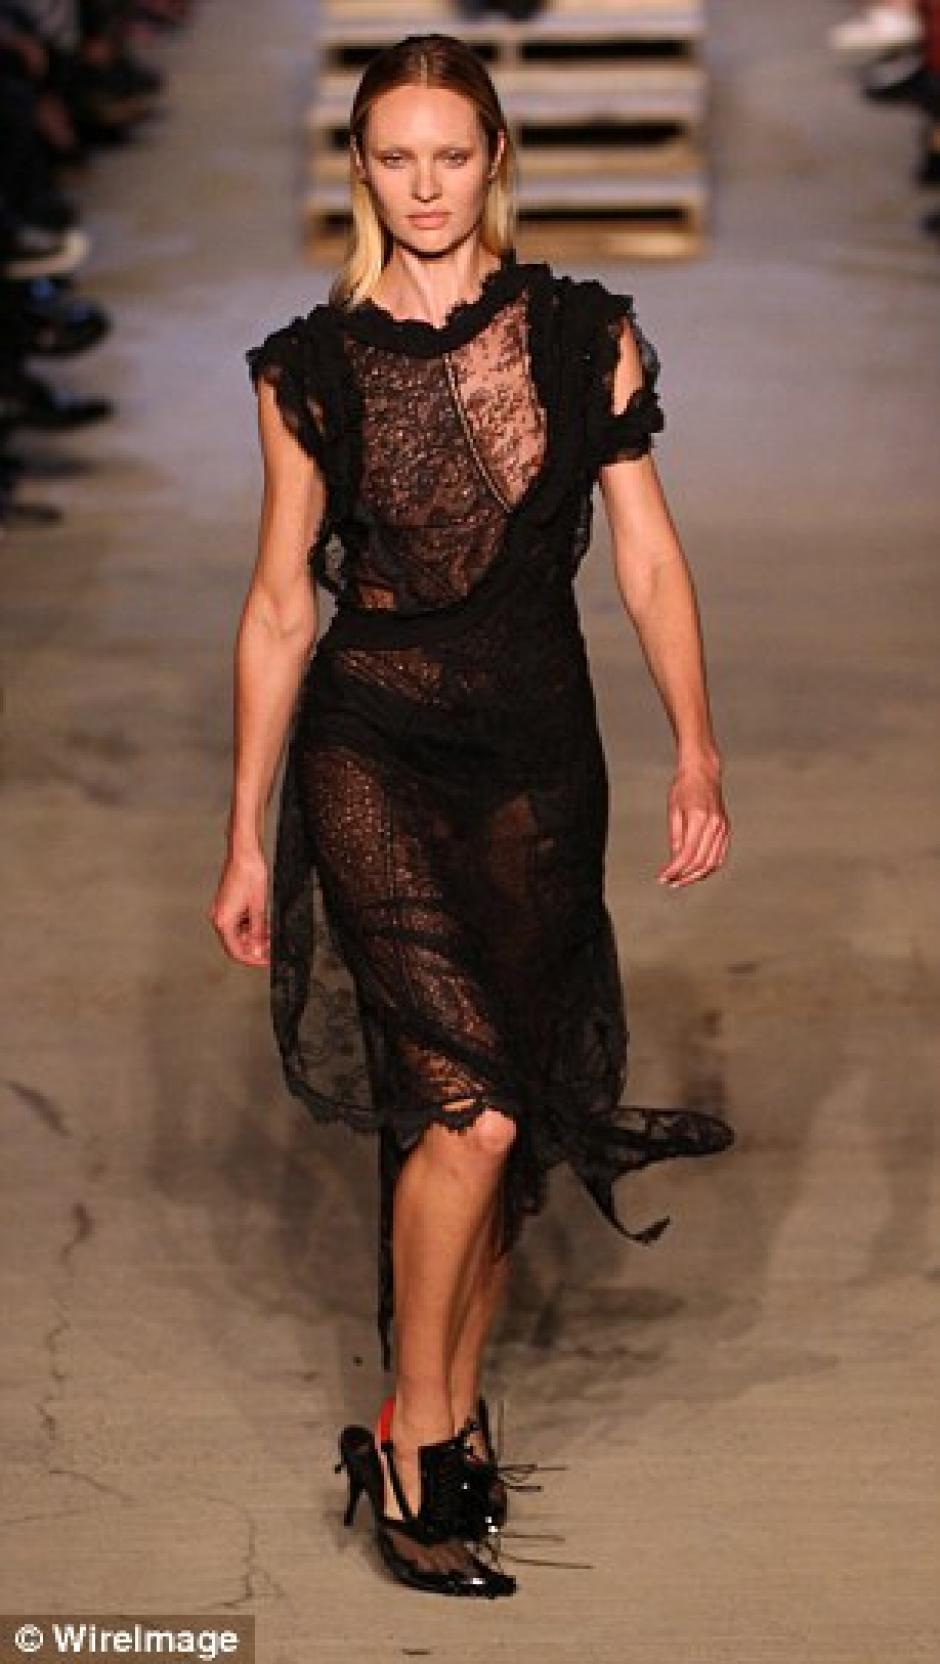 La topmodel, Candice Swanepoel, sufrió una caída en plena pasarela de Givenchy en Nueva York. (Daily Mail)